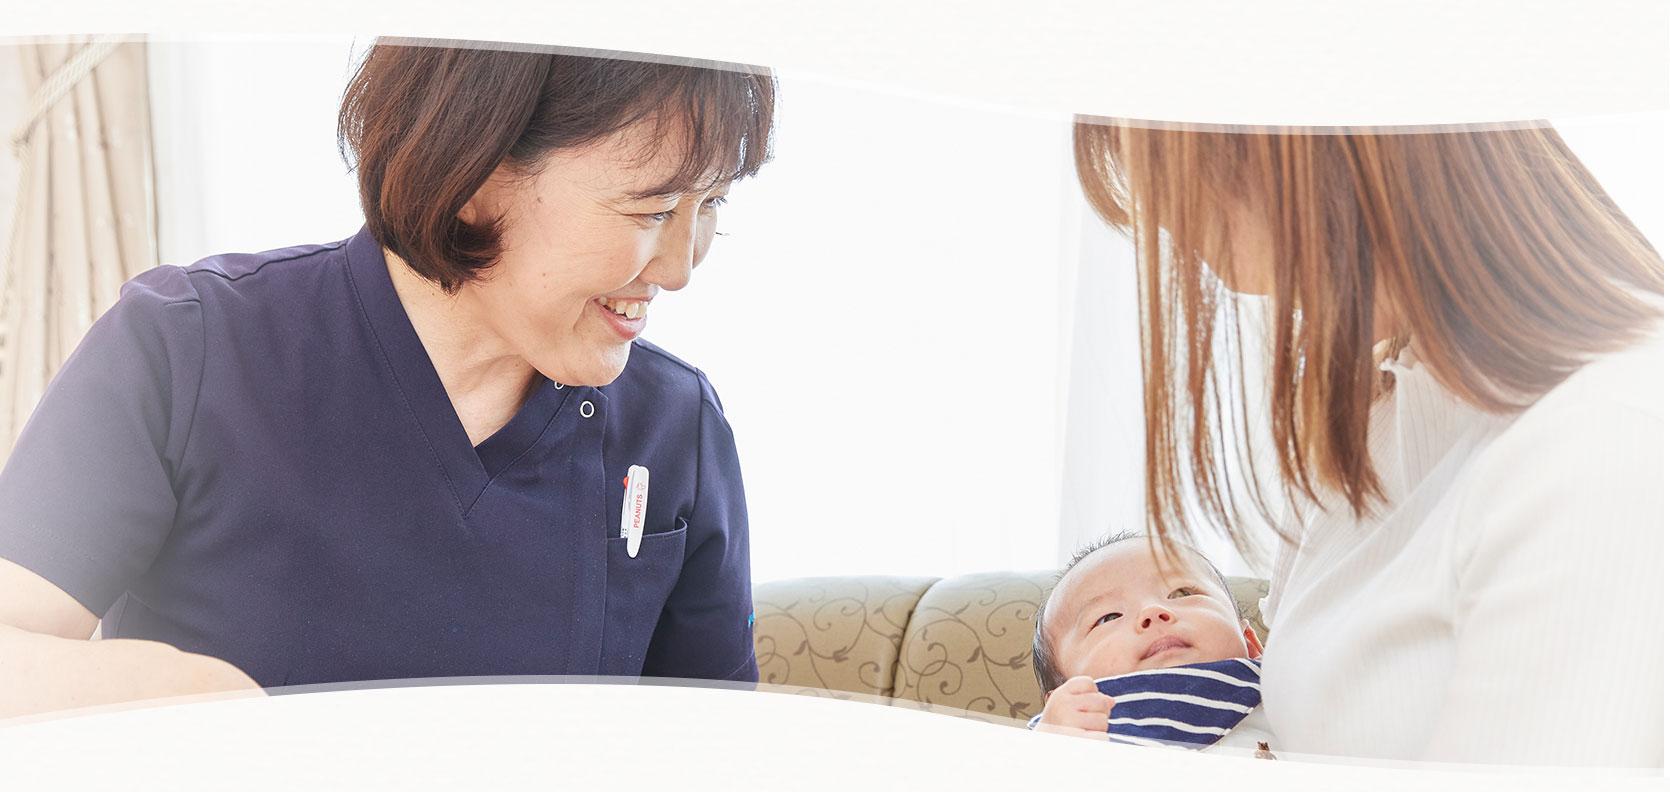 お産や入院生活に関するご案内